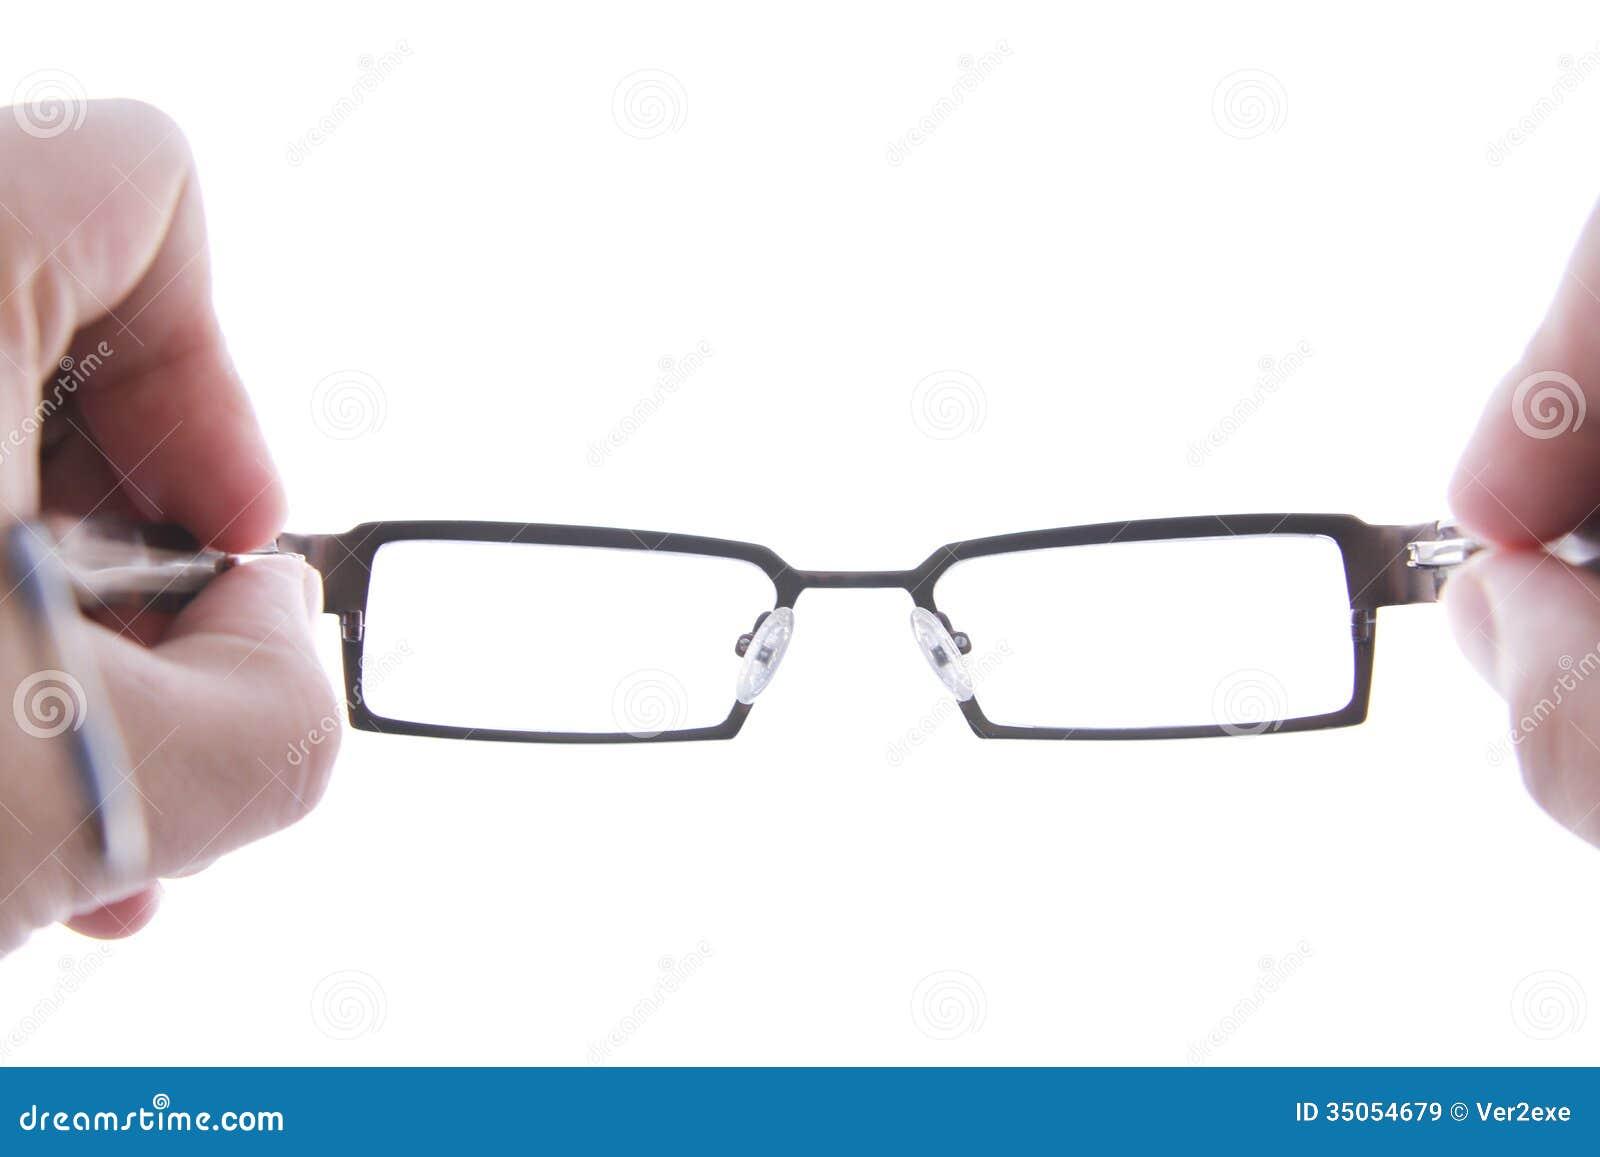 Hand Holding Eye Glasses Stock Image Image Of Background